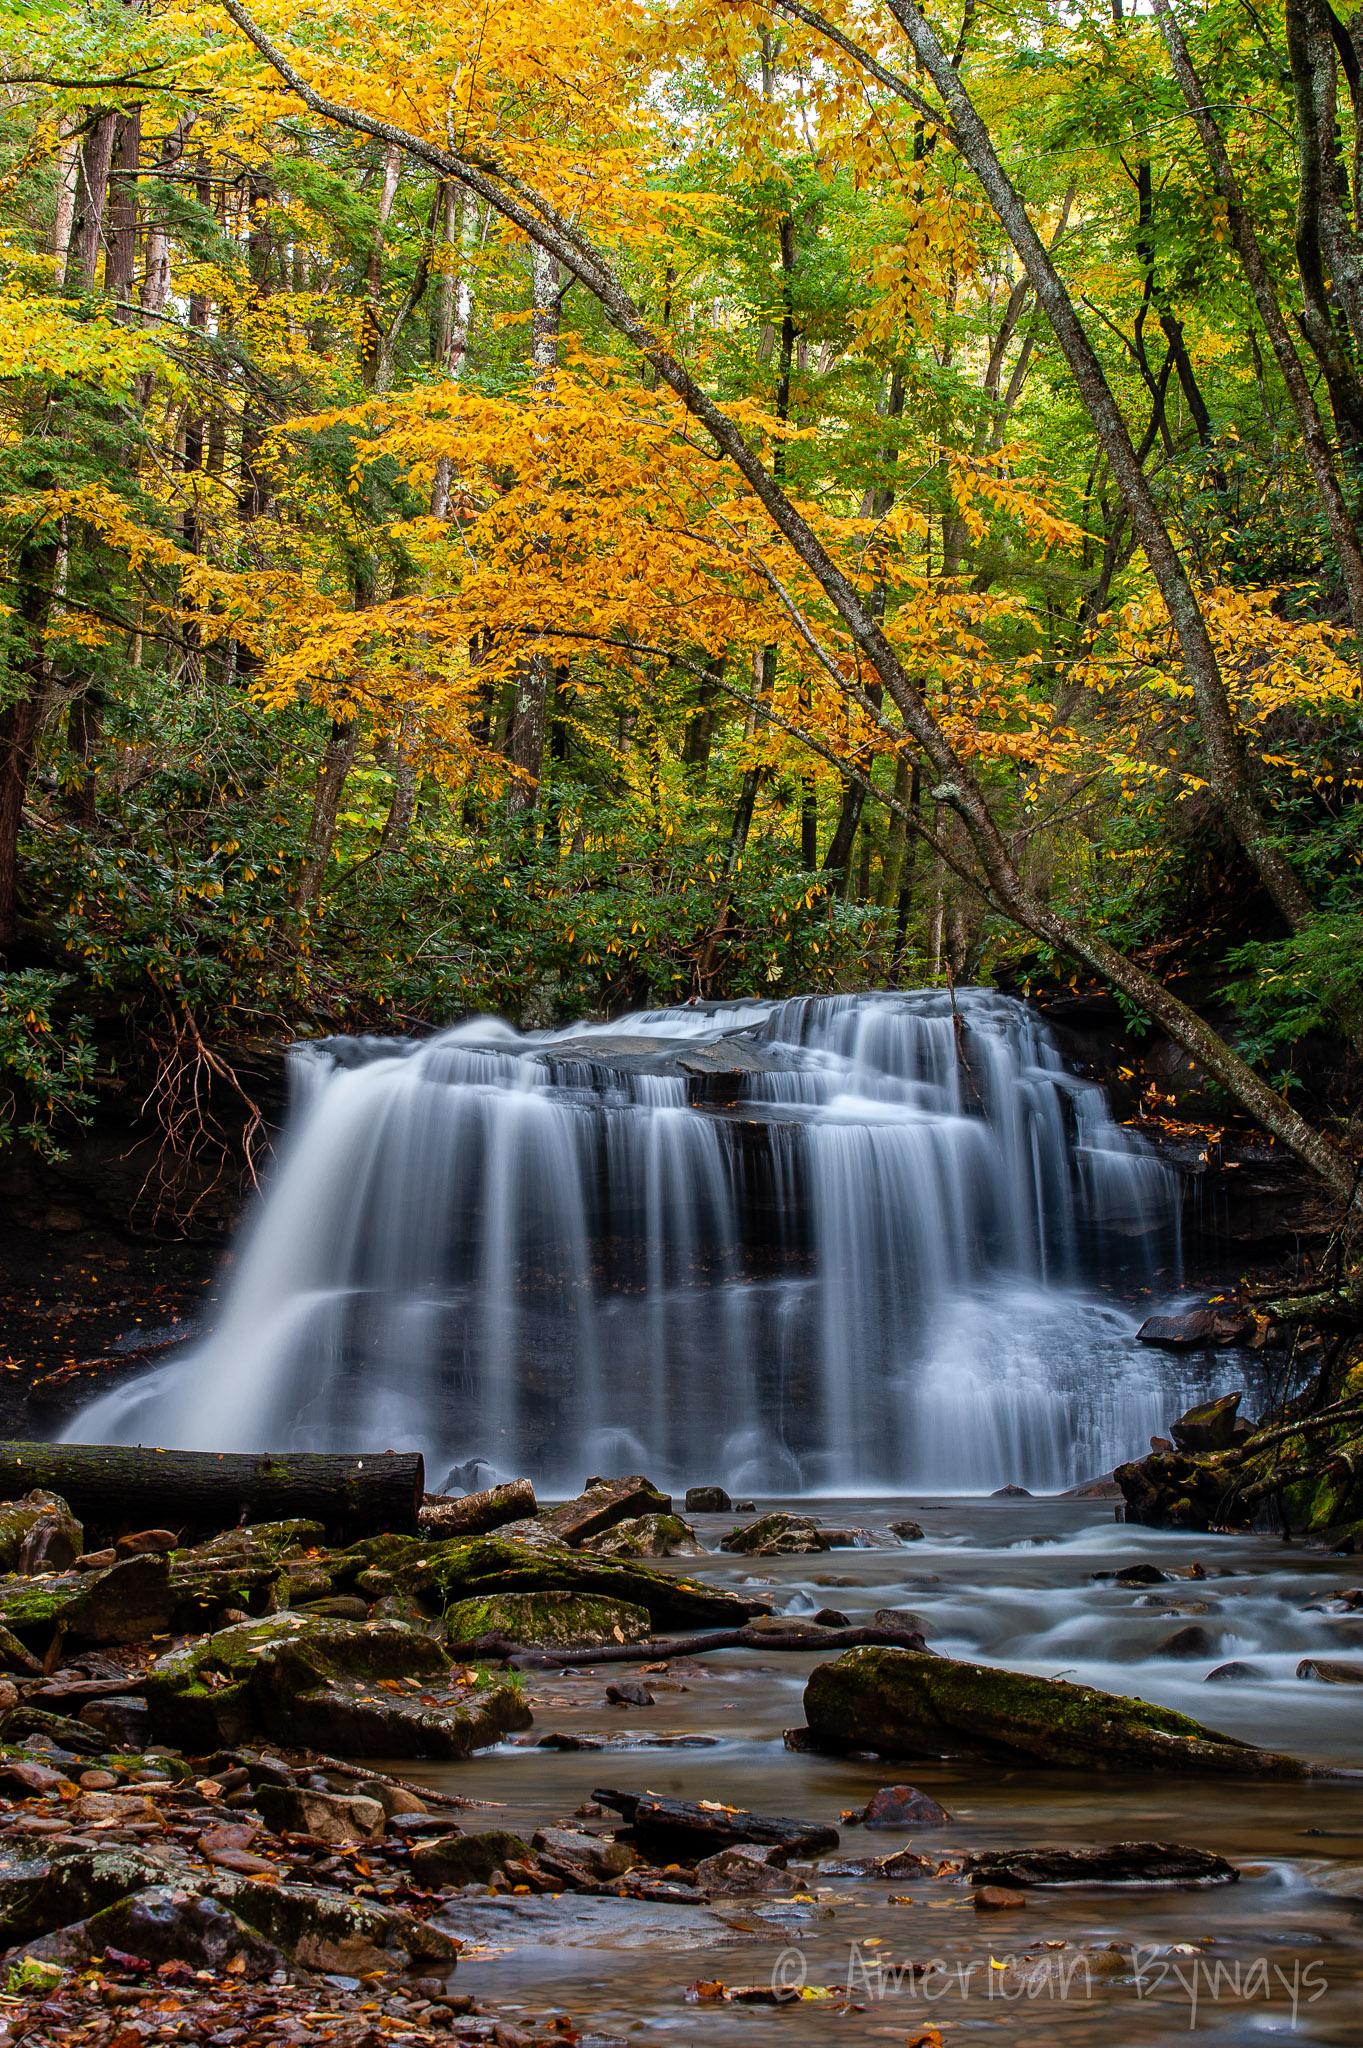 Fall Run Falls / Upper Falls at Holly River State Park